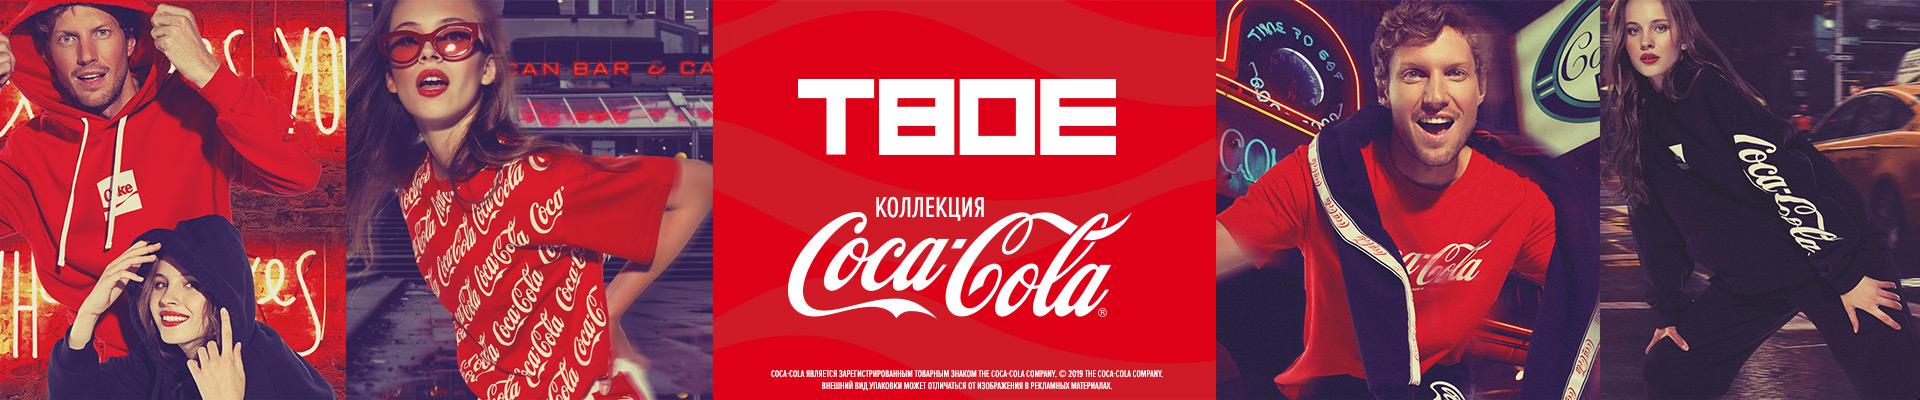 Твое. Коллекция Coca-cola